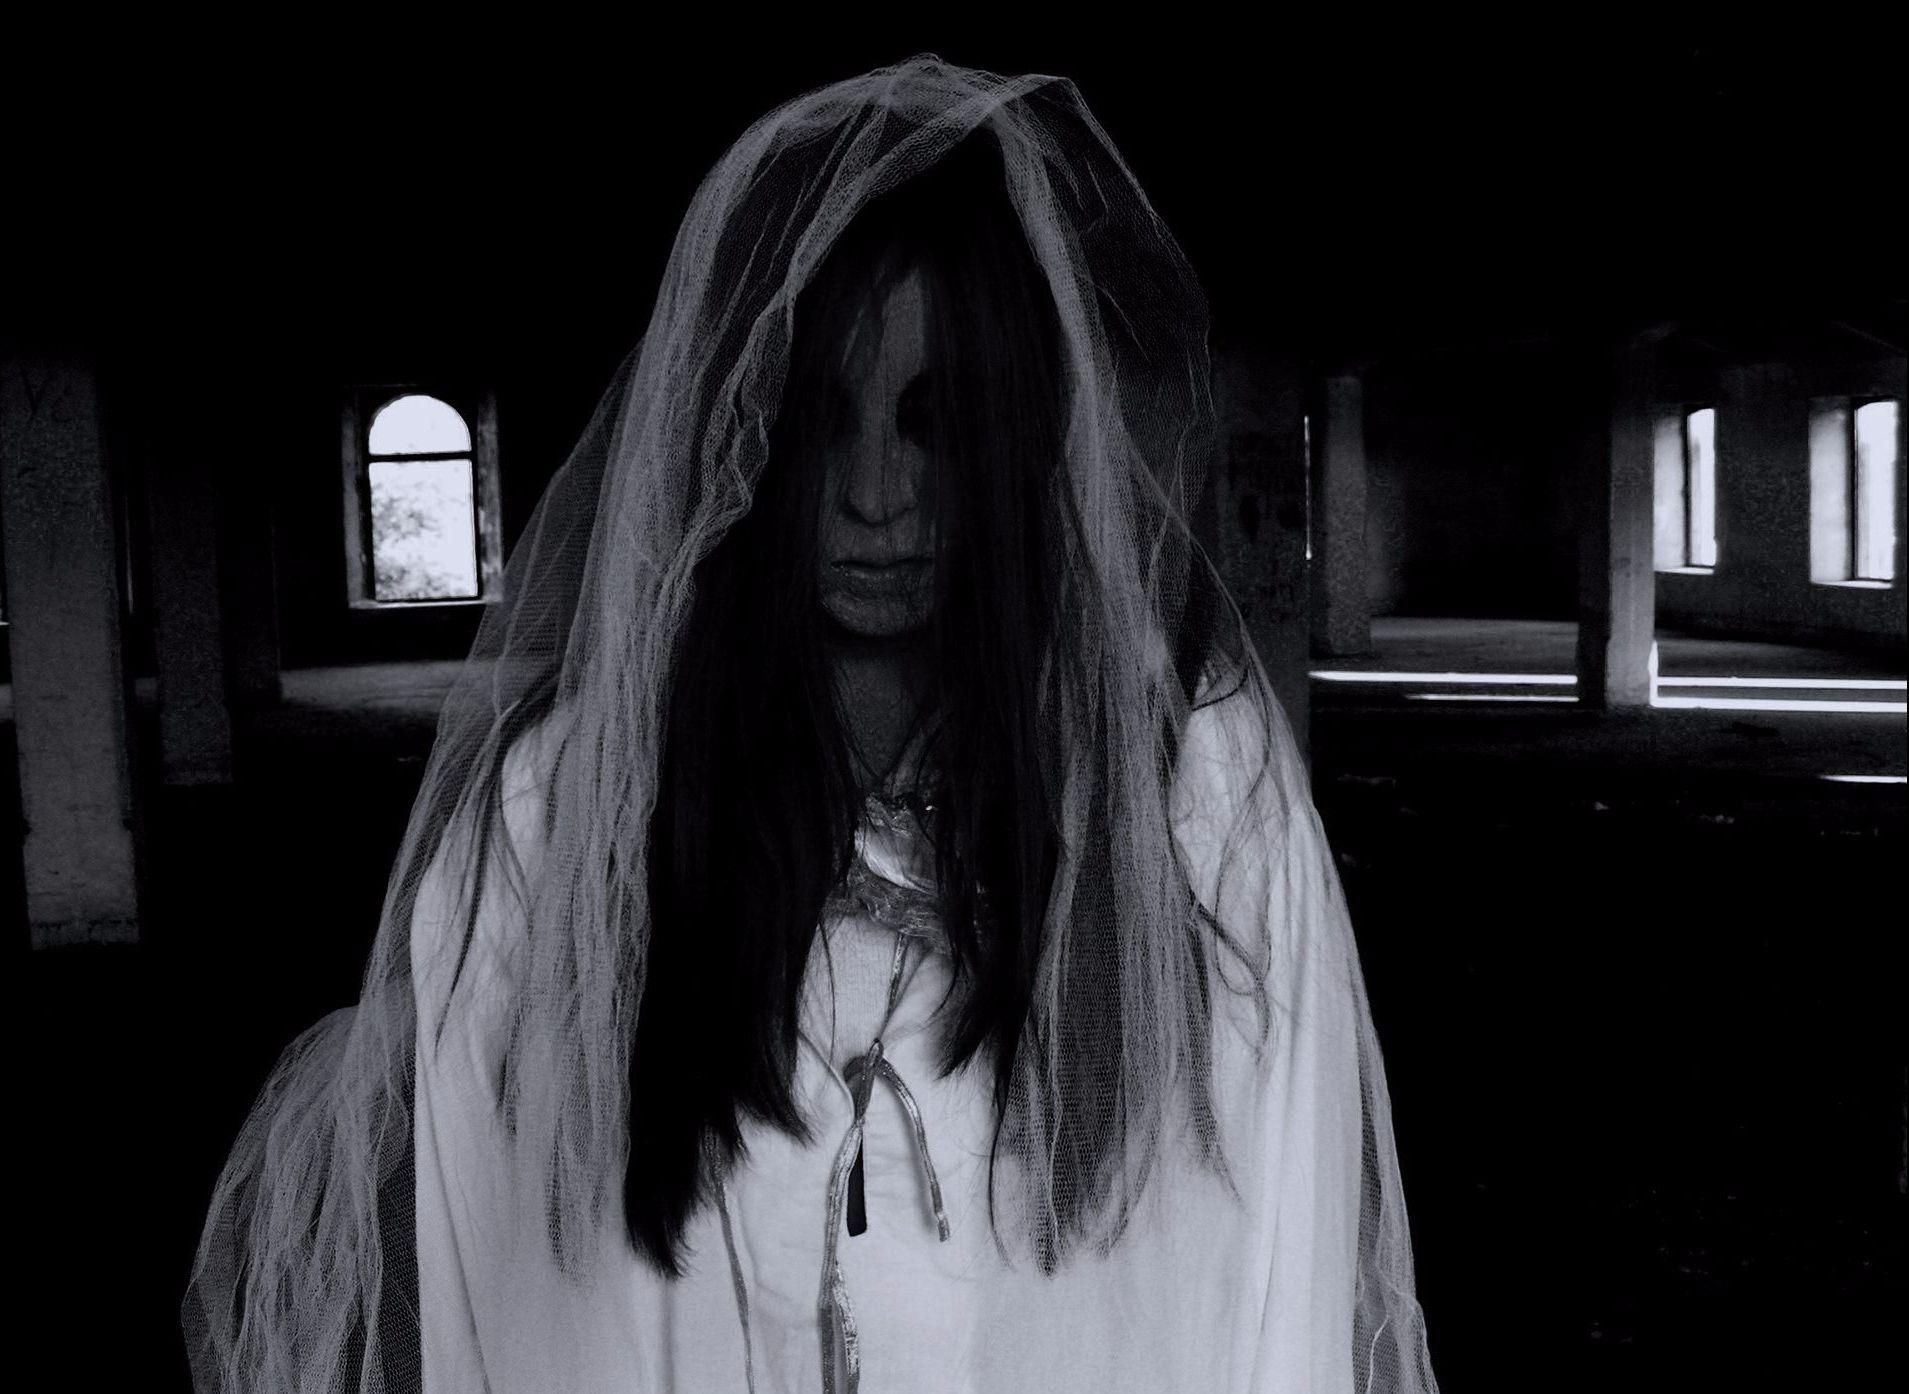 ghost-518322.jpg